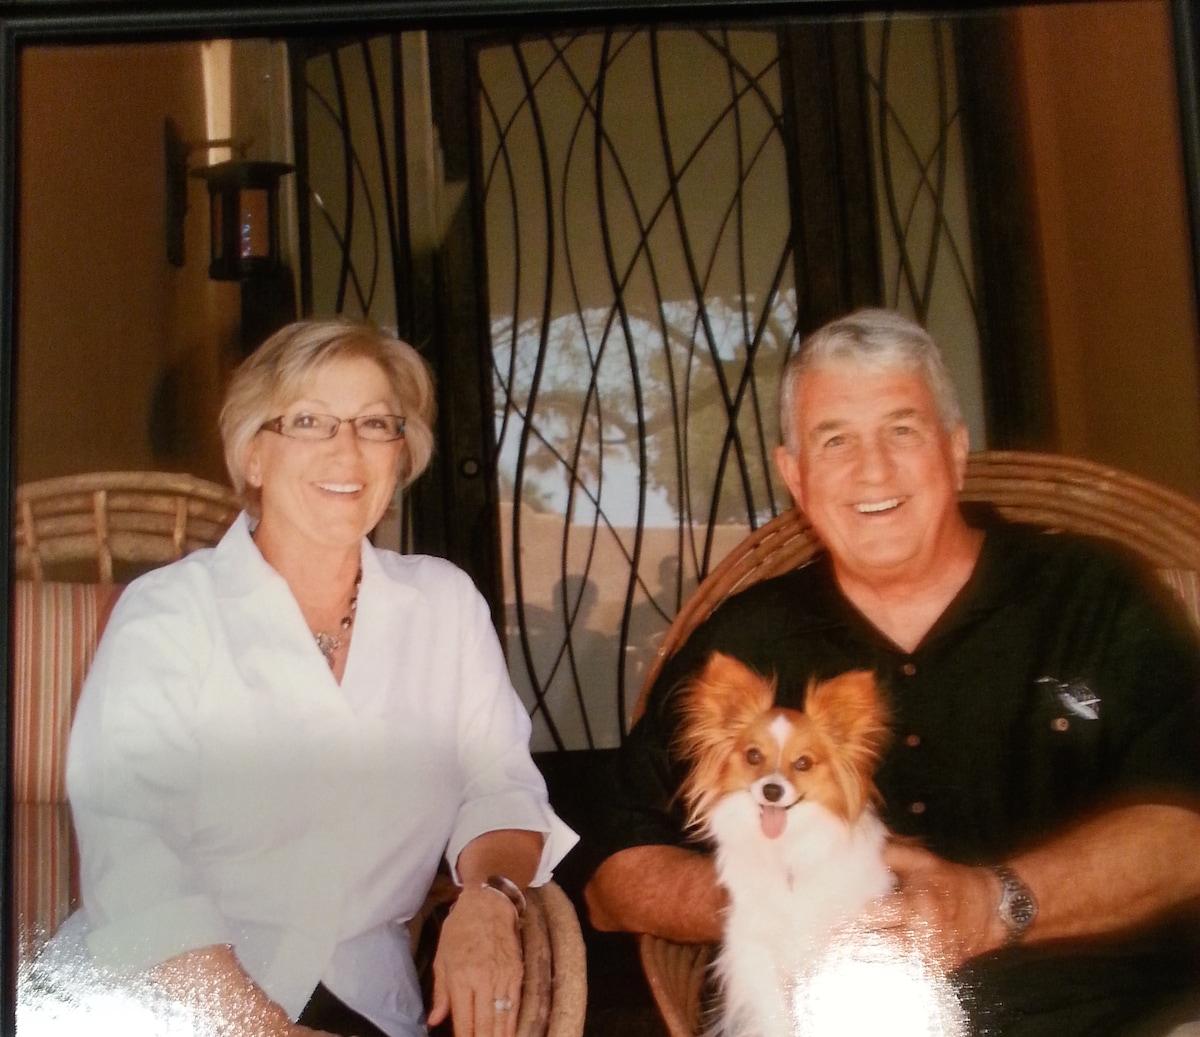 Trevor & Susan aus Scottsdale